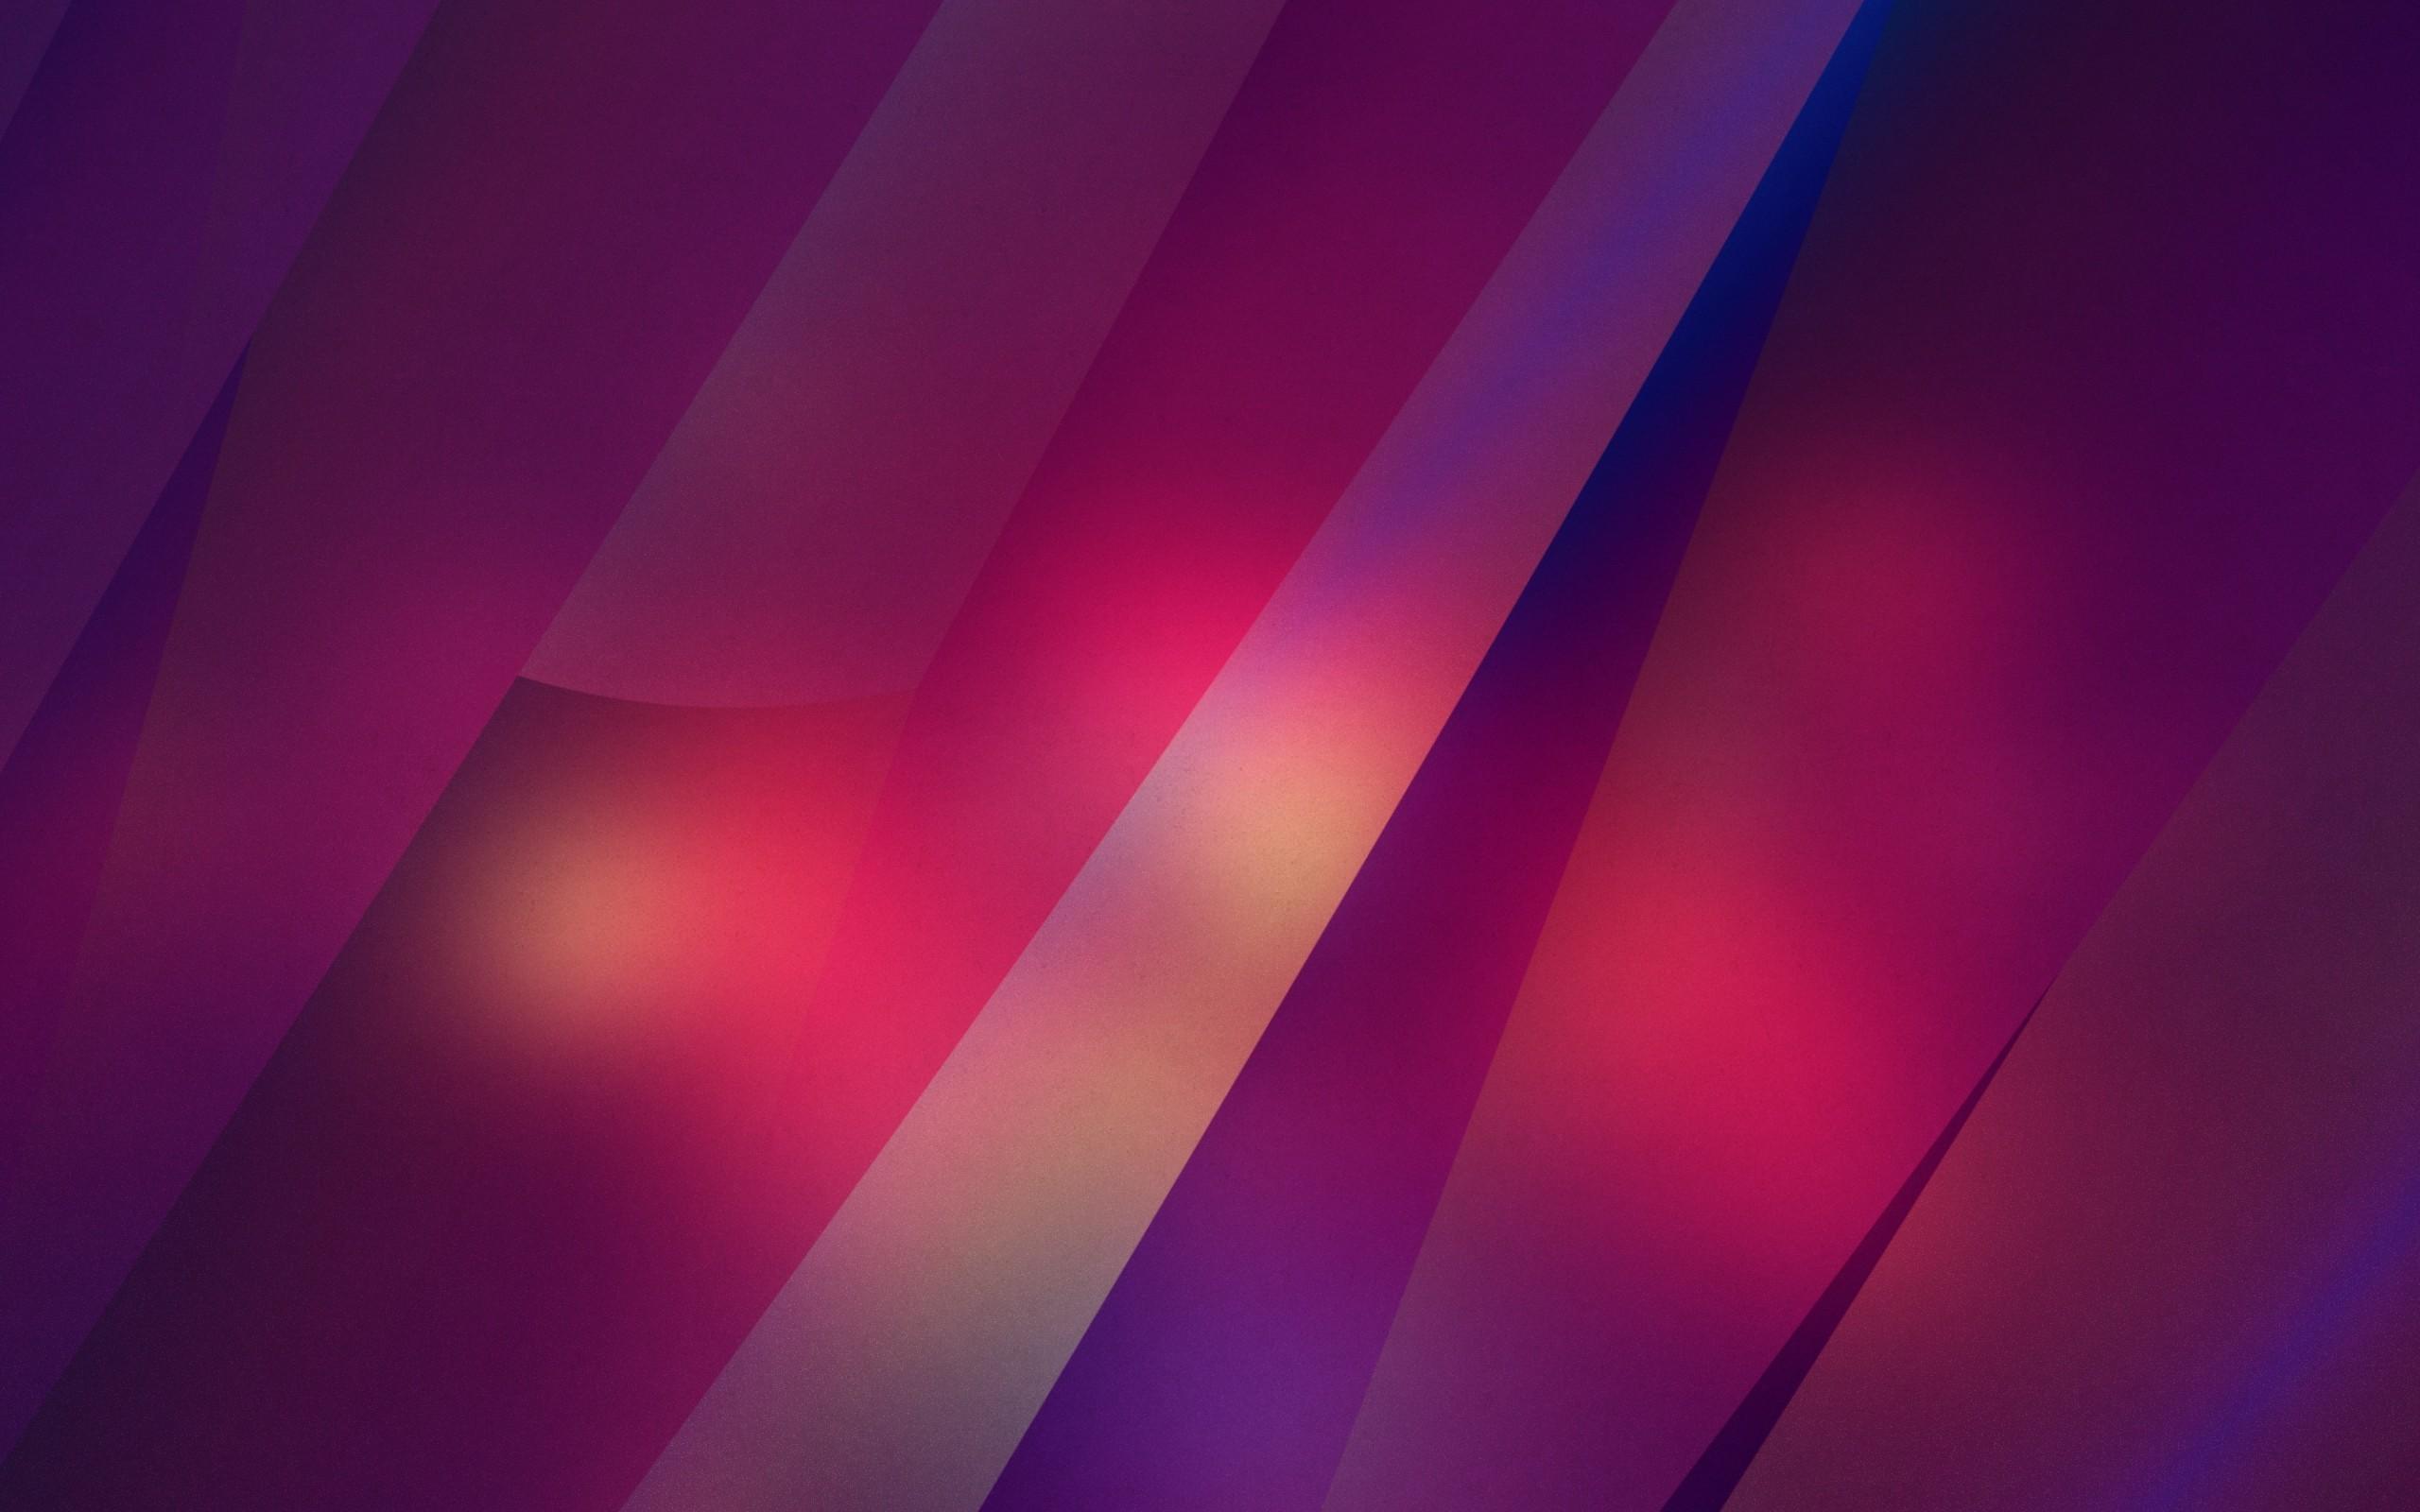 Sfondi Luce Del Sole Astratto Rosso Viola Simmetria Blu